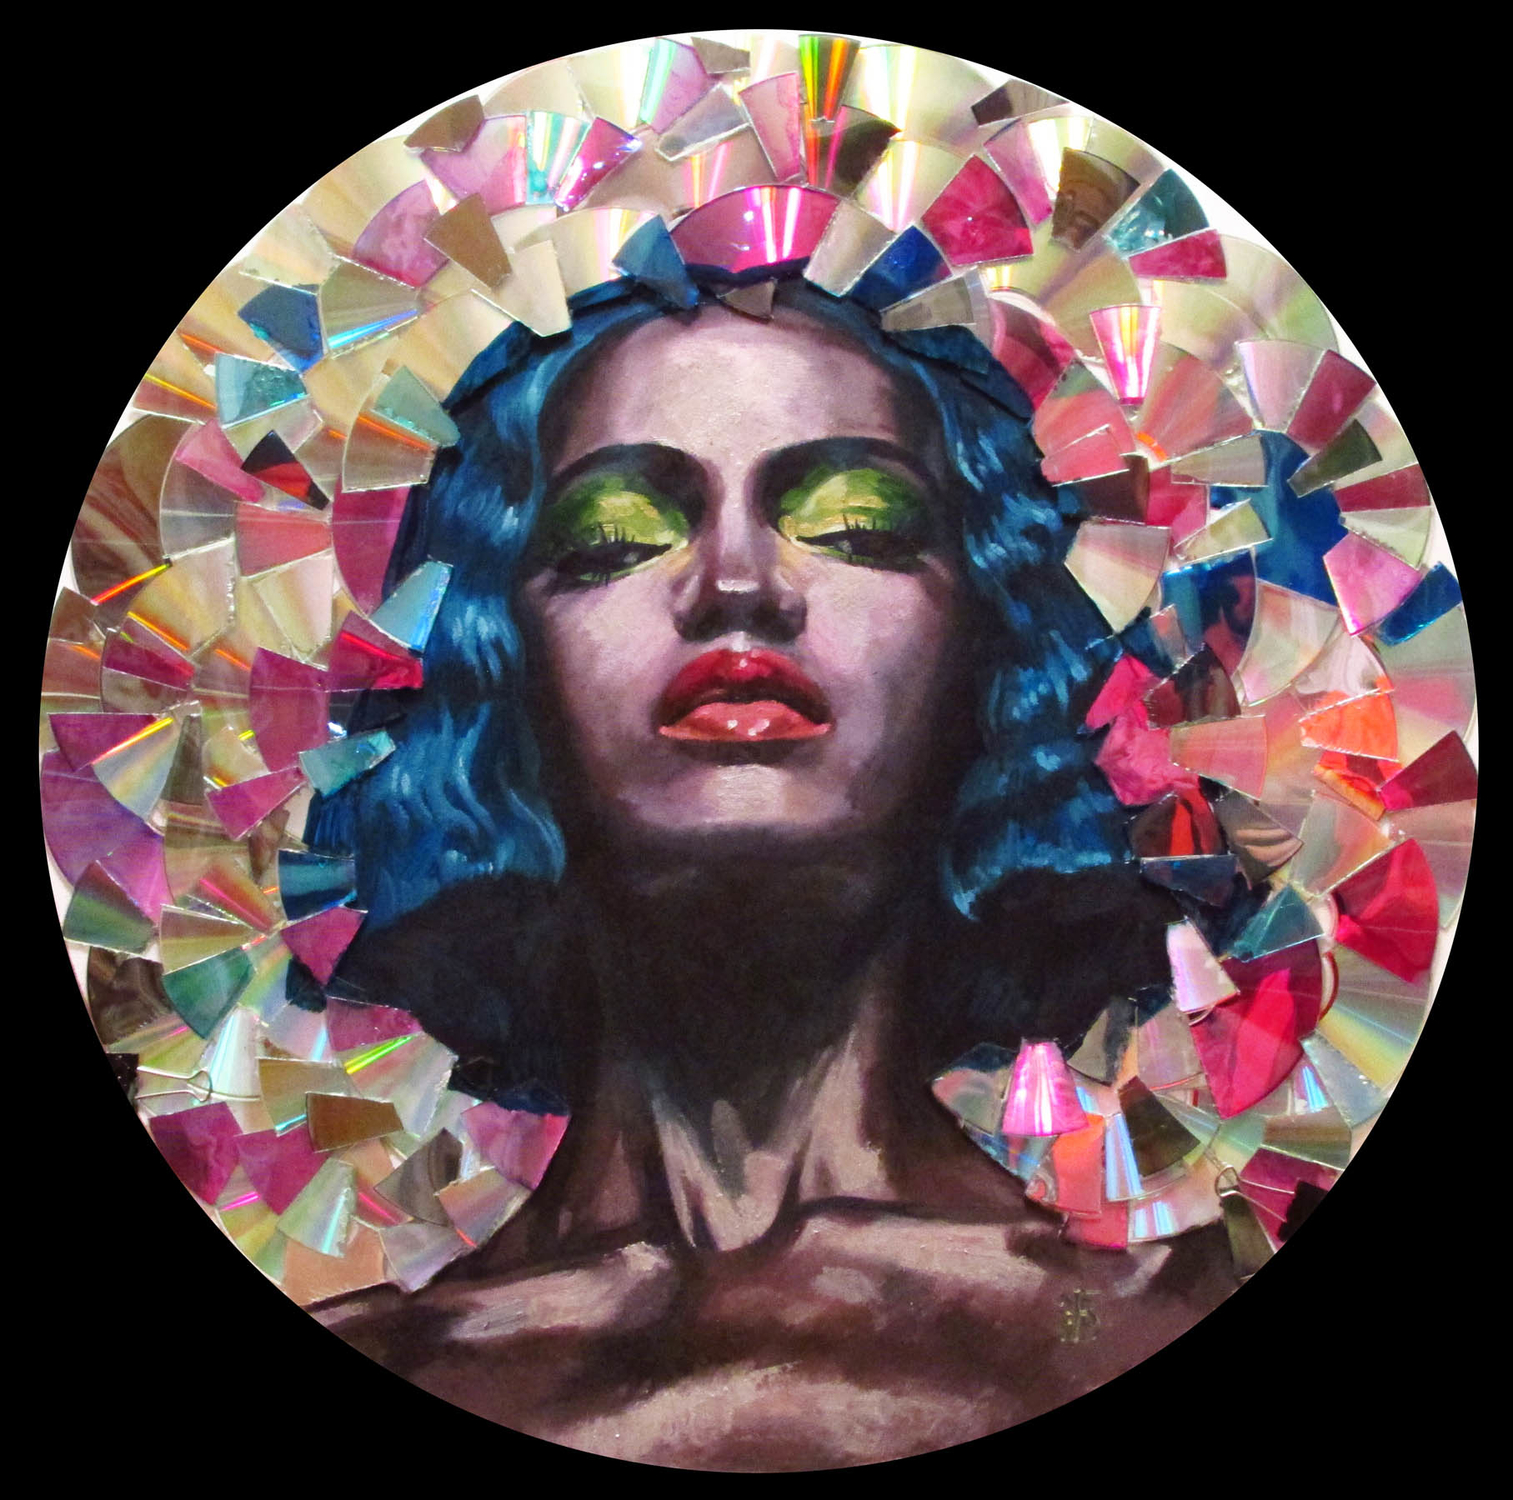 Mirror   Artwork by Kateryna Bortsova